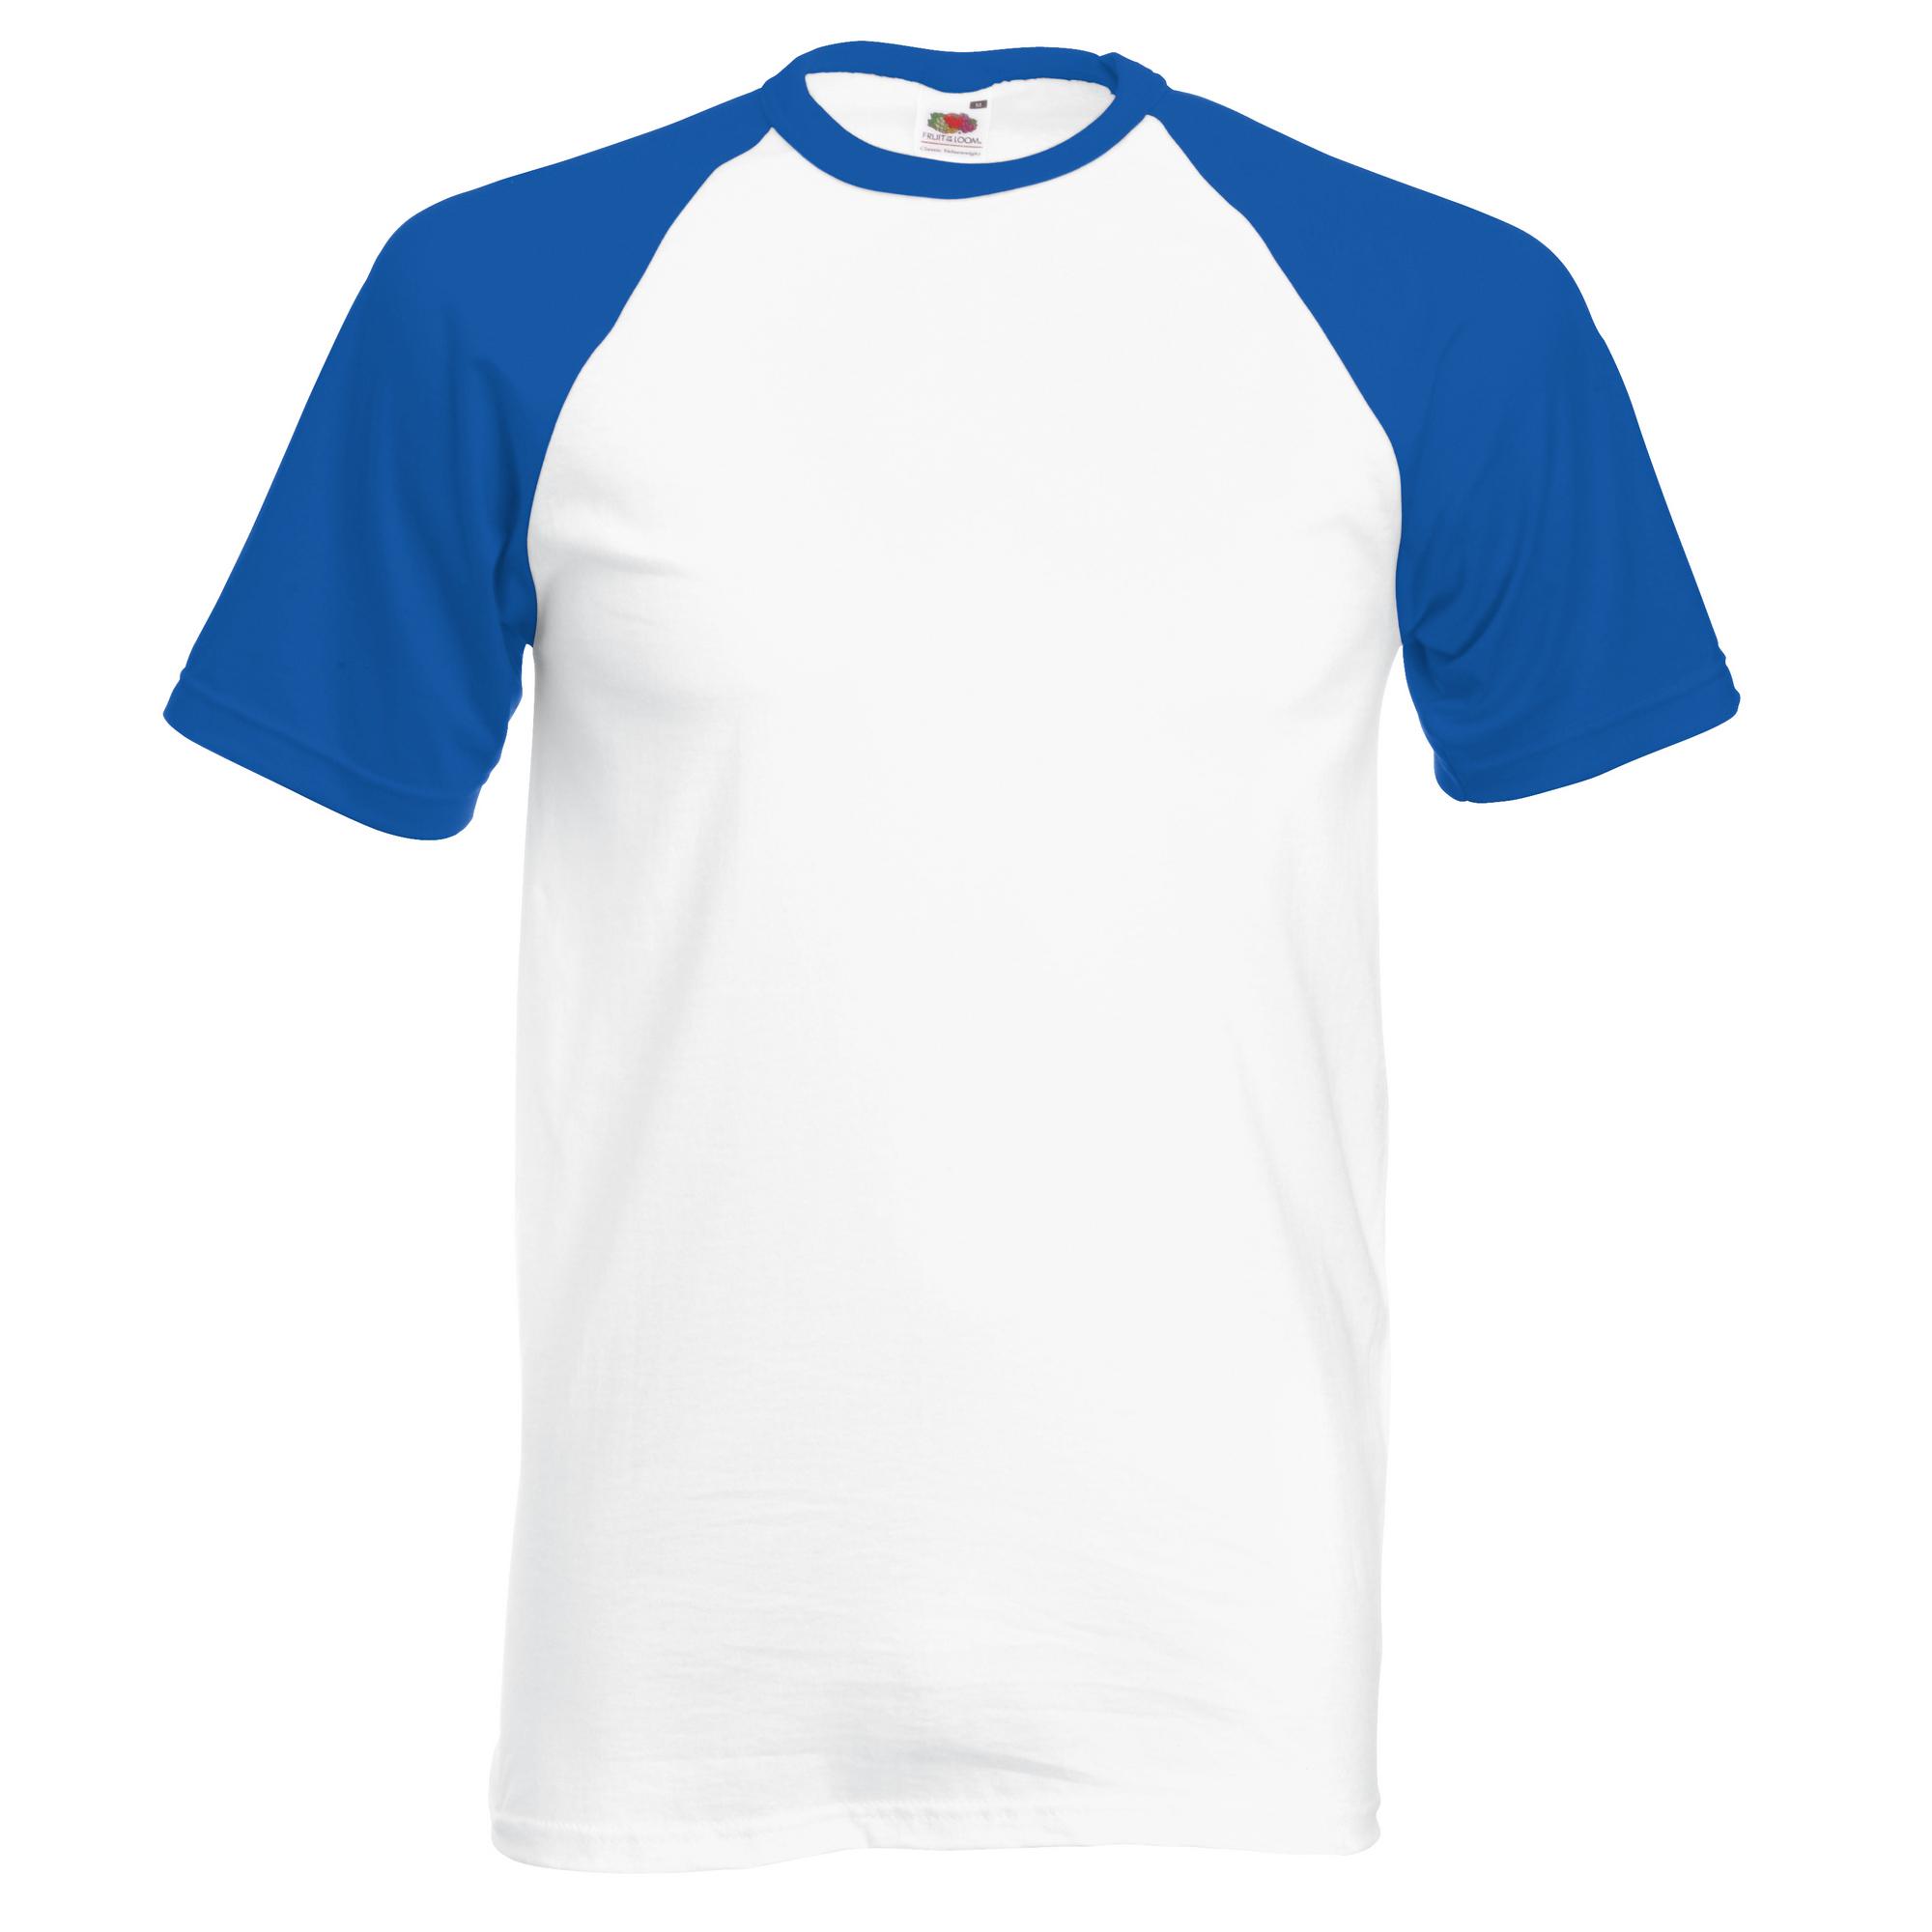 Fruit of the loom mens short sleeve baseball t shirt ebay for Short t shirt men